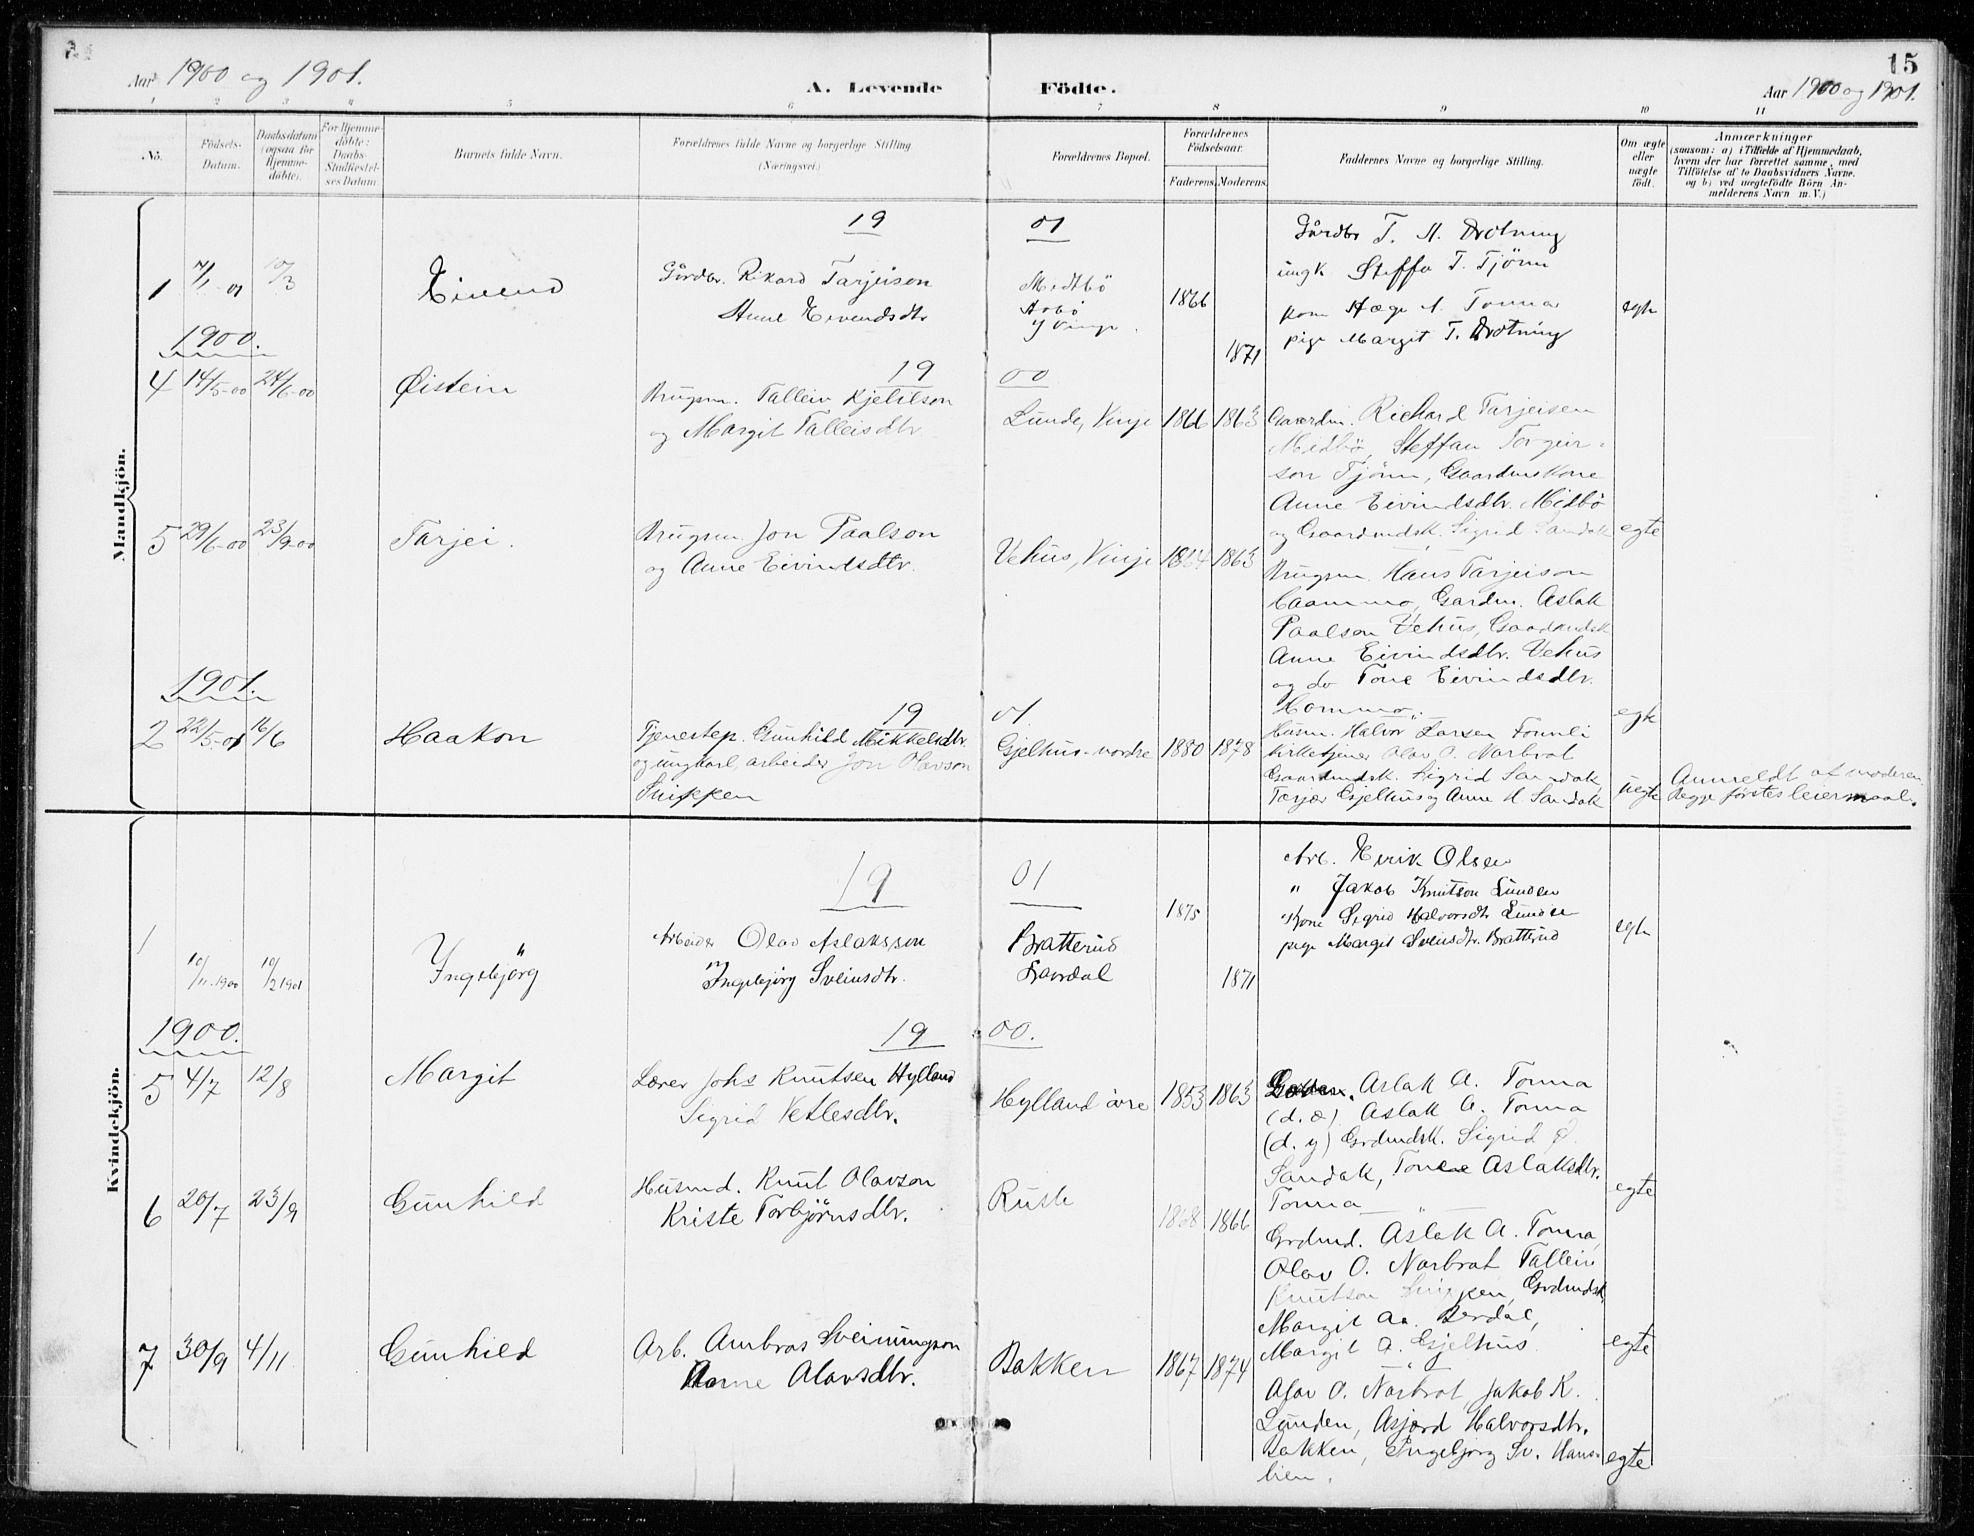 SAKO, Vinje kirkebøker, G/Gb/L0003: Klokkerbok nr. II 3, 1892-1943, s. 15